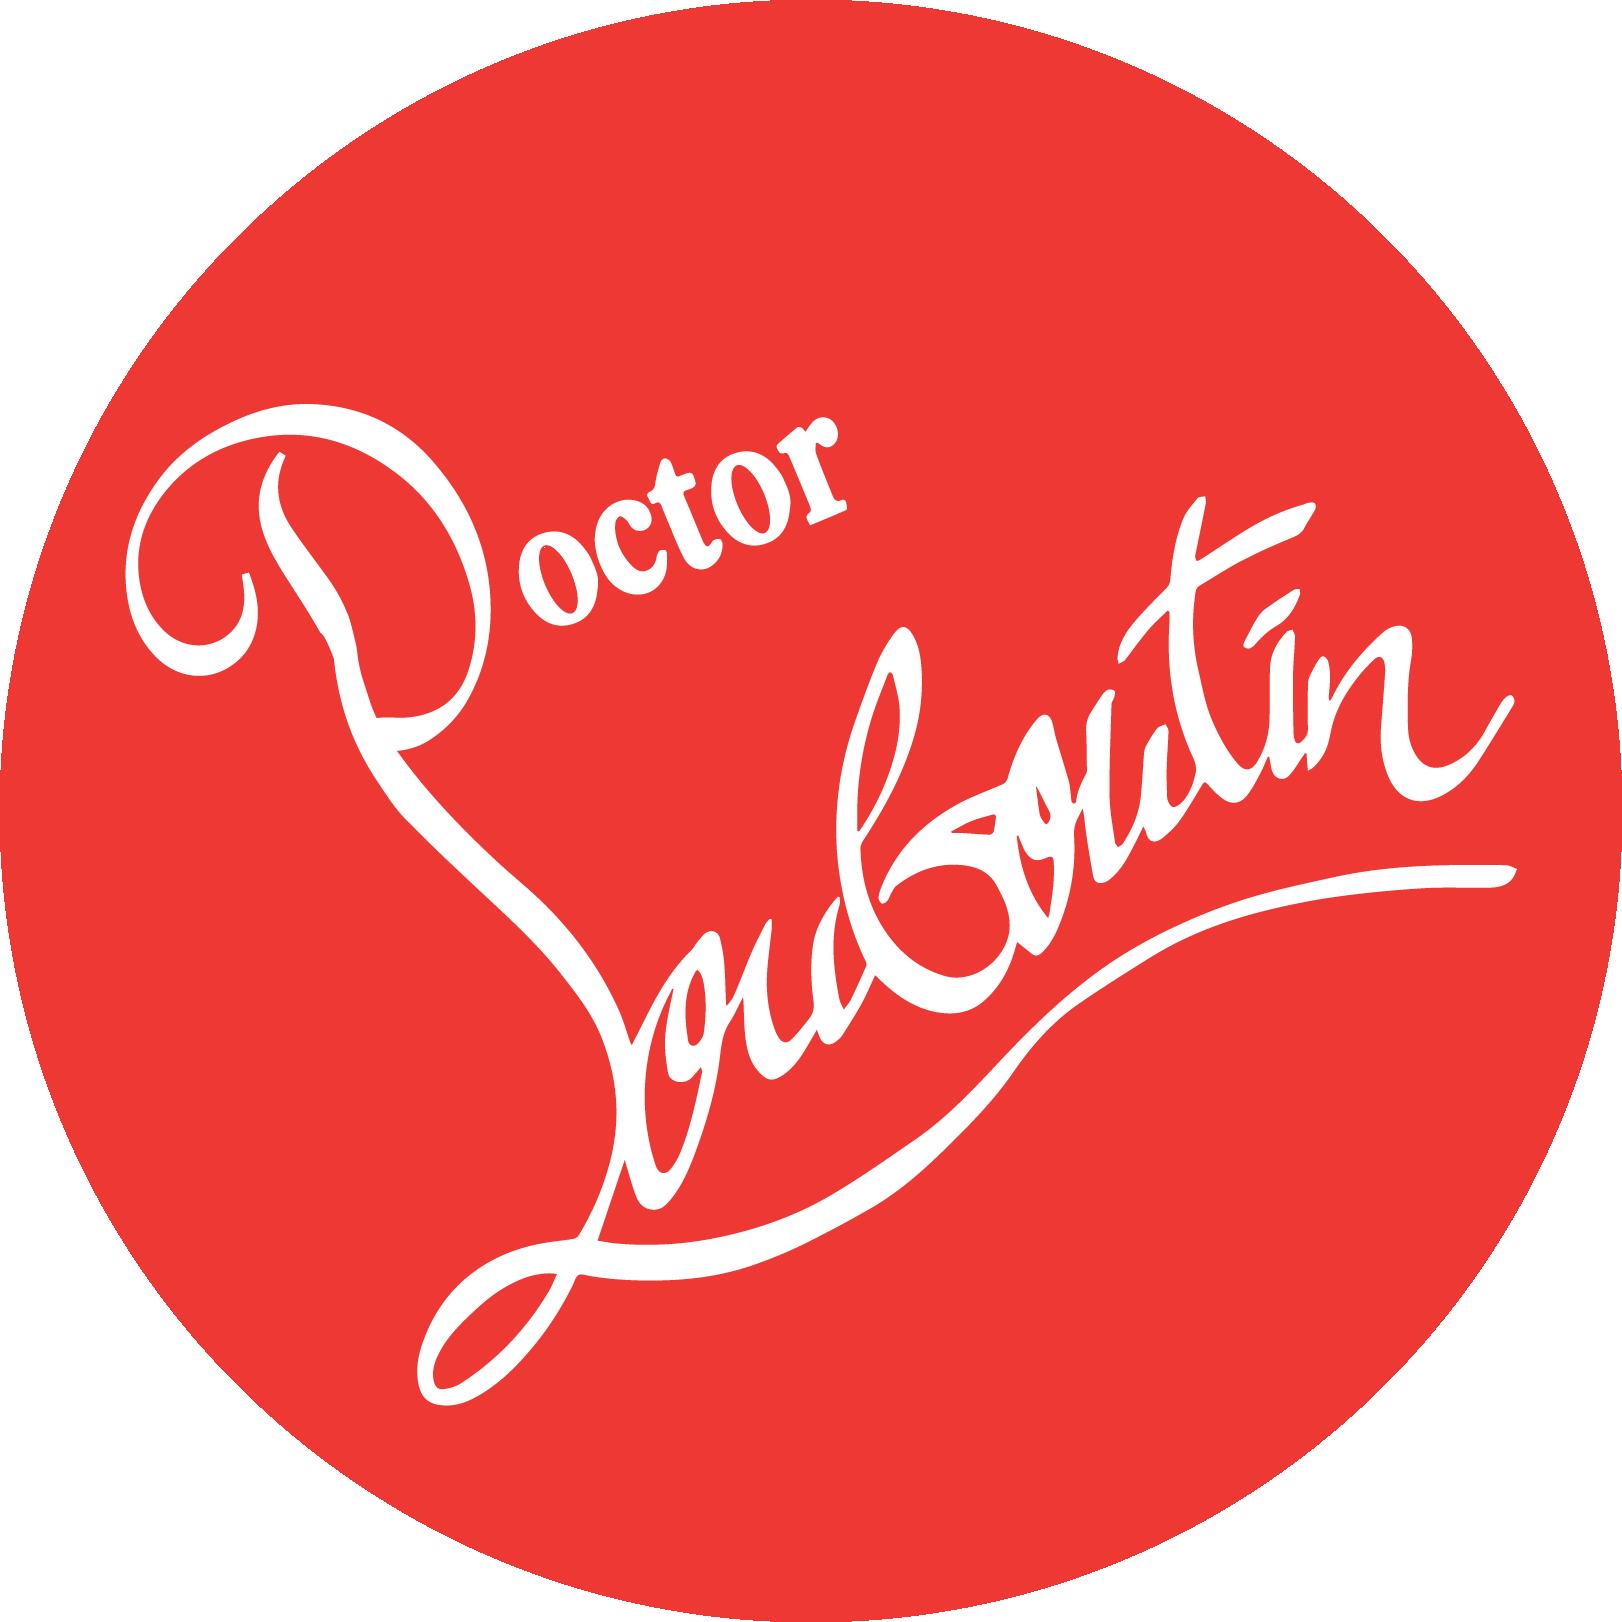 Dr. Louboutin